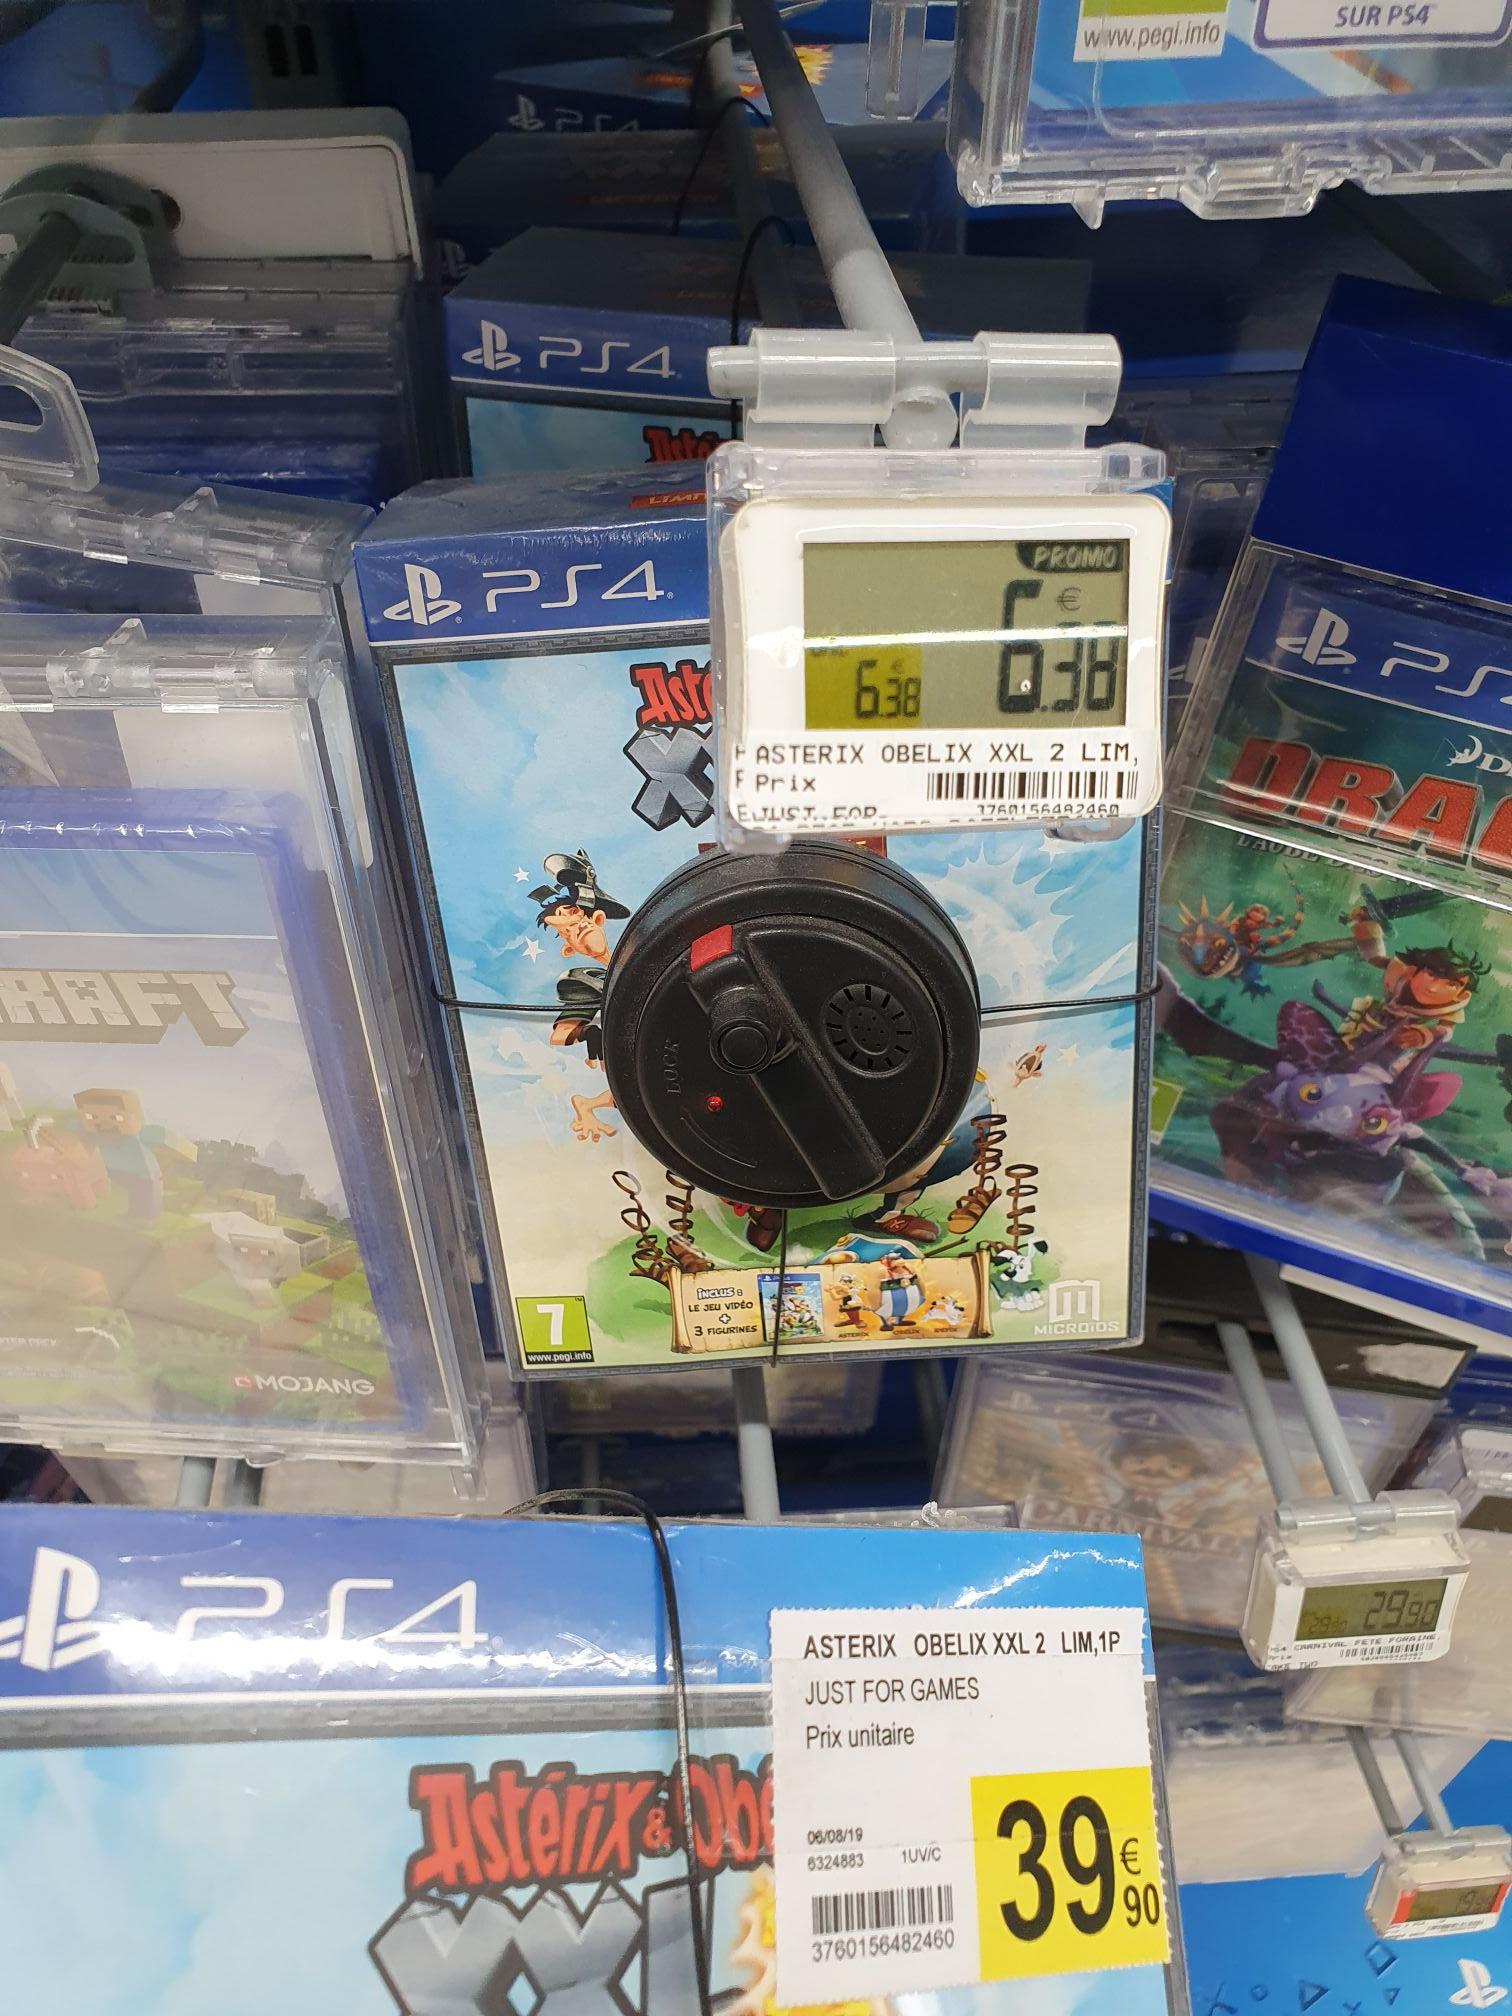 Asterix XXL 2 Edition limitée sur PS4 - Pontault-Combault (77)